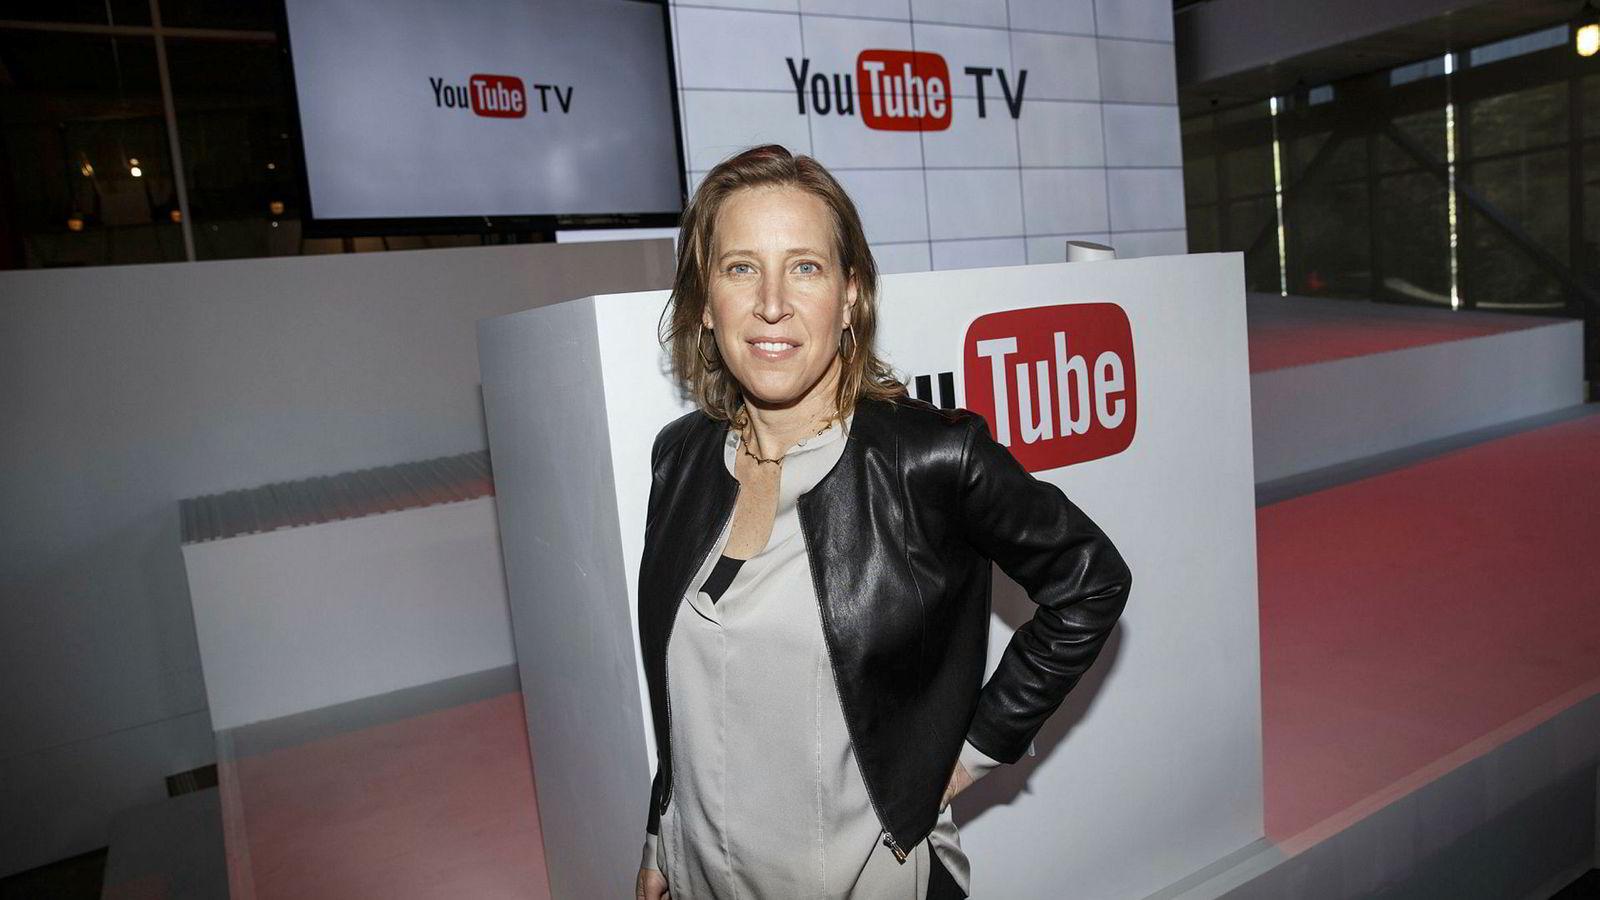 Susan Wojcicki, toppsjef i Youtube, ble kåret til den mektigste kvinnen i it 2018 av Forbes.